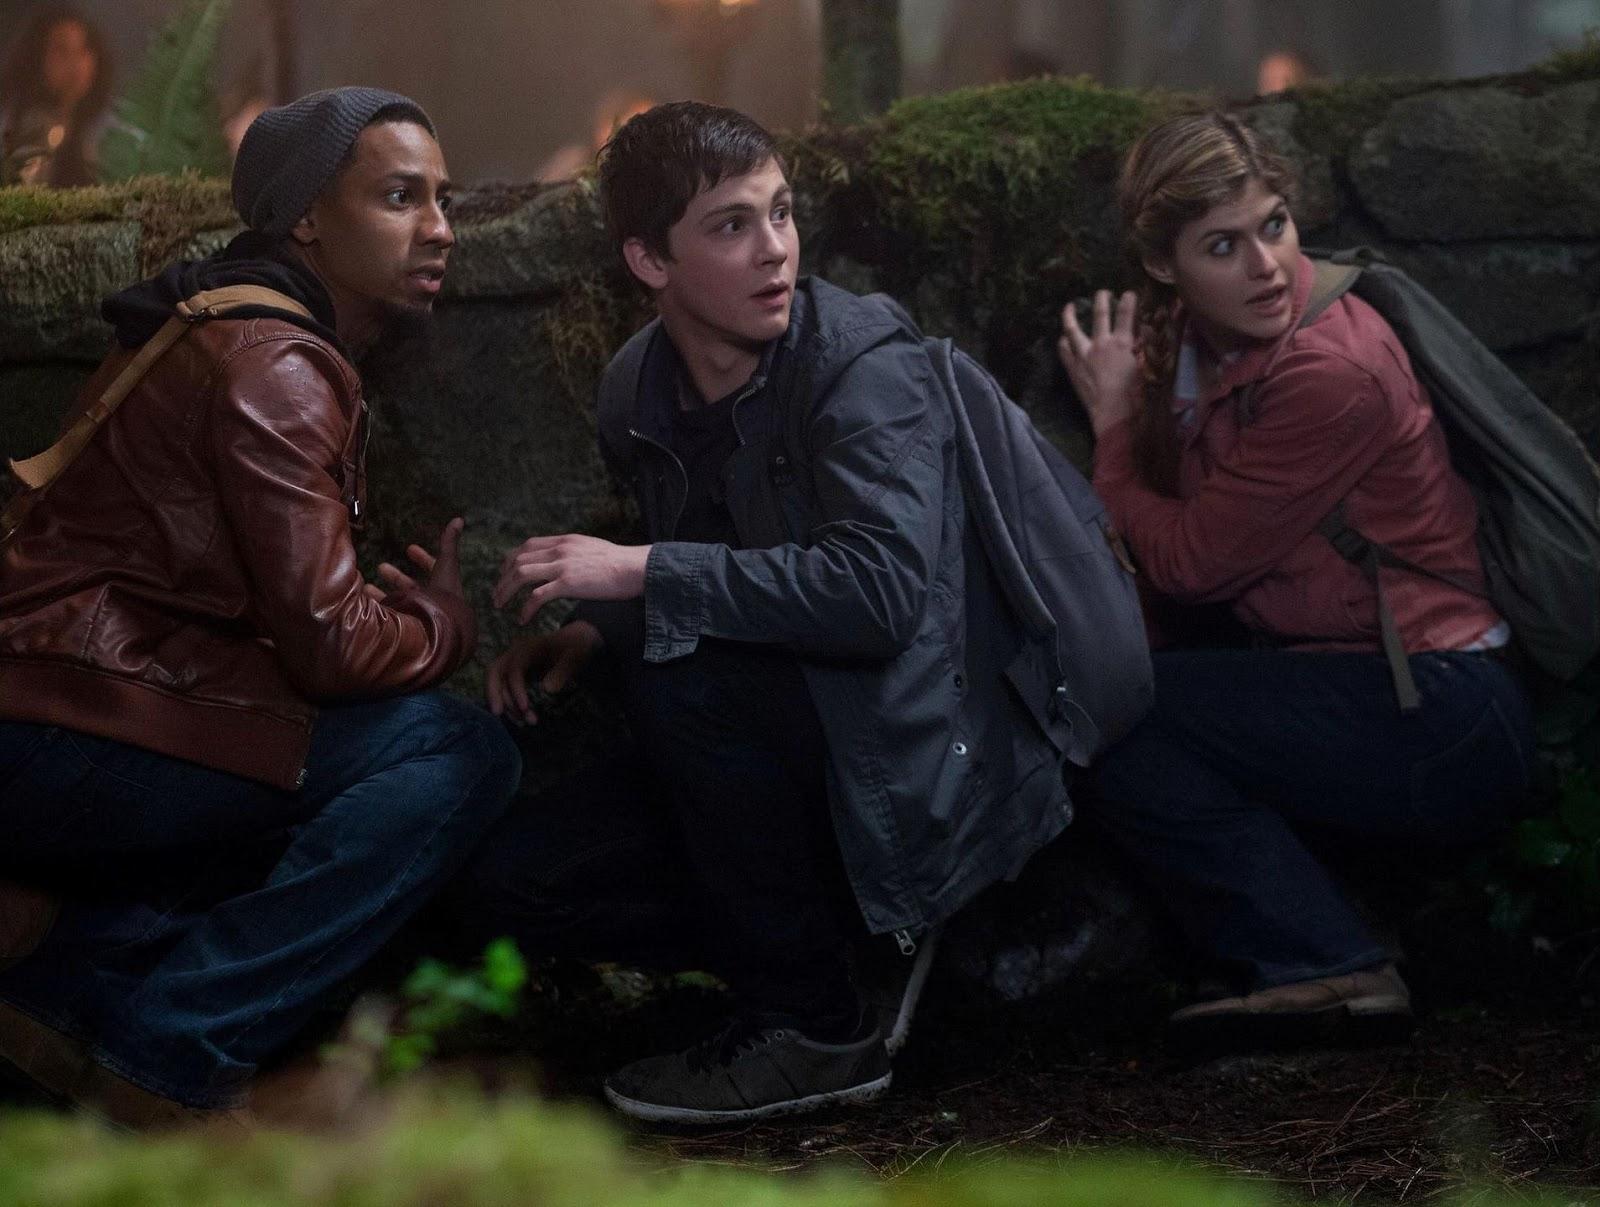 Brandon T. Jackson como Grover Underwood, Logan Lerman como Percy Jackson y Alexandra Daddario como Annabeth Chase